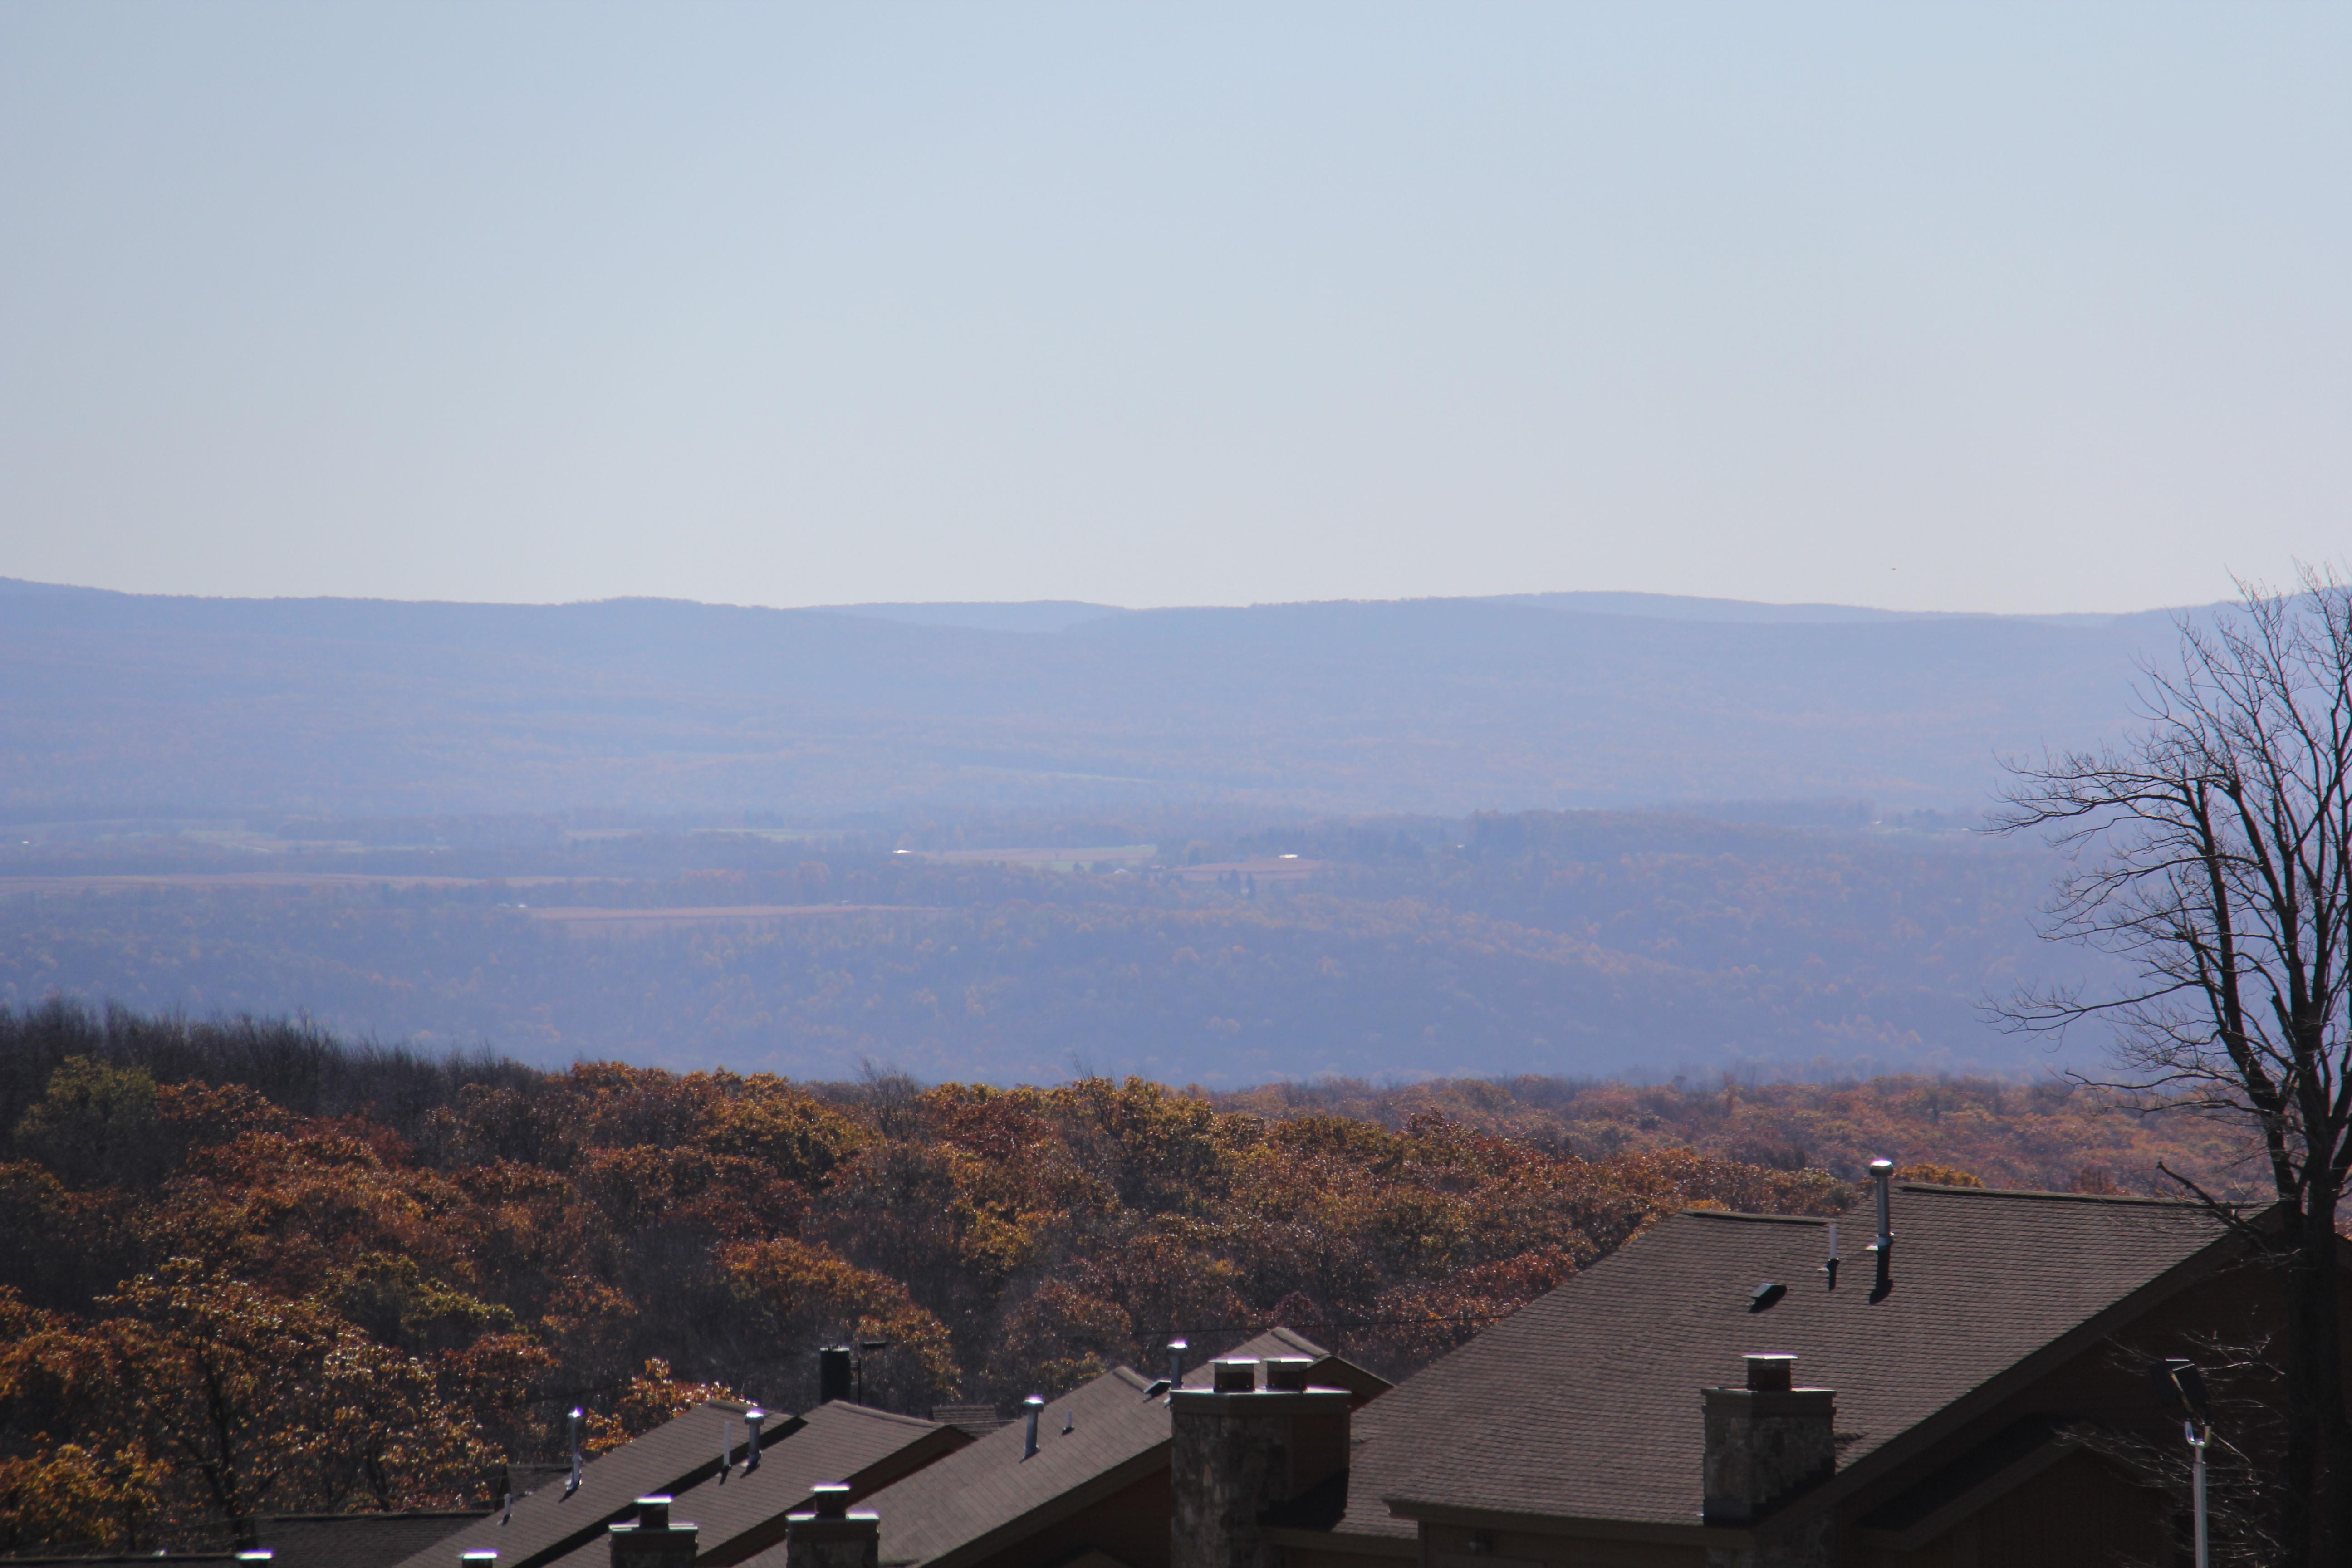 file:7 springs mountain resort - panoramio (10) - wikimedia commons